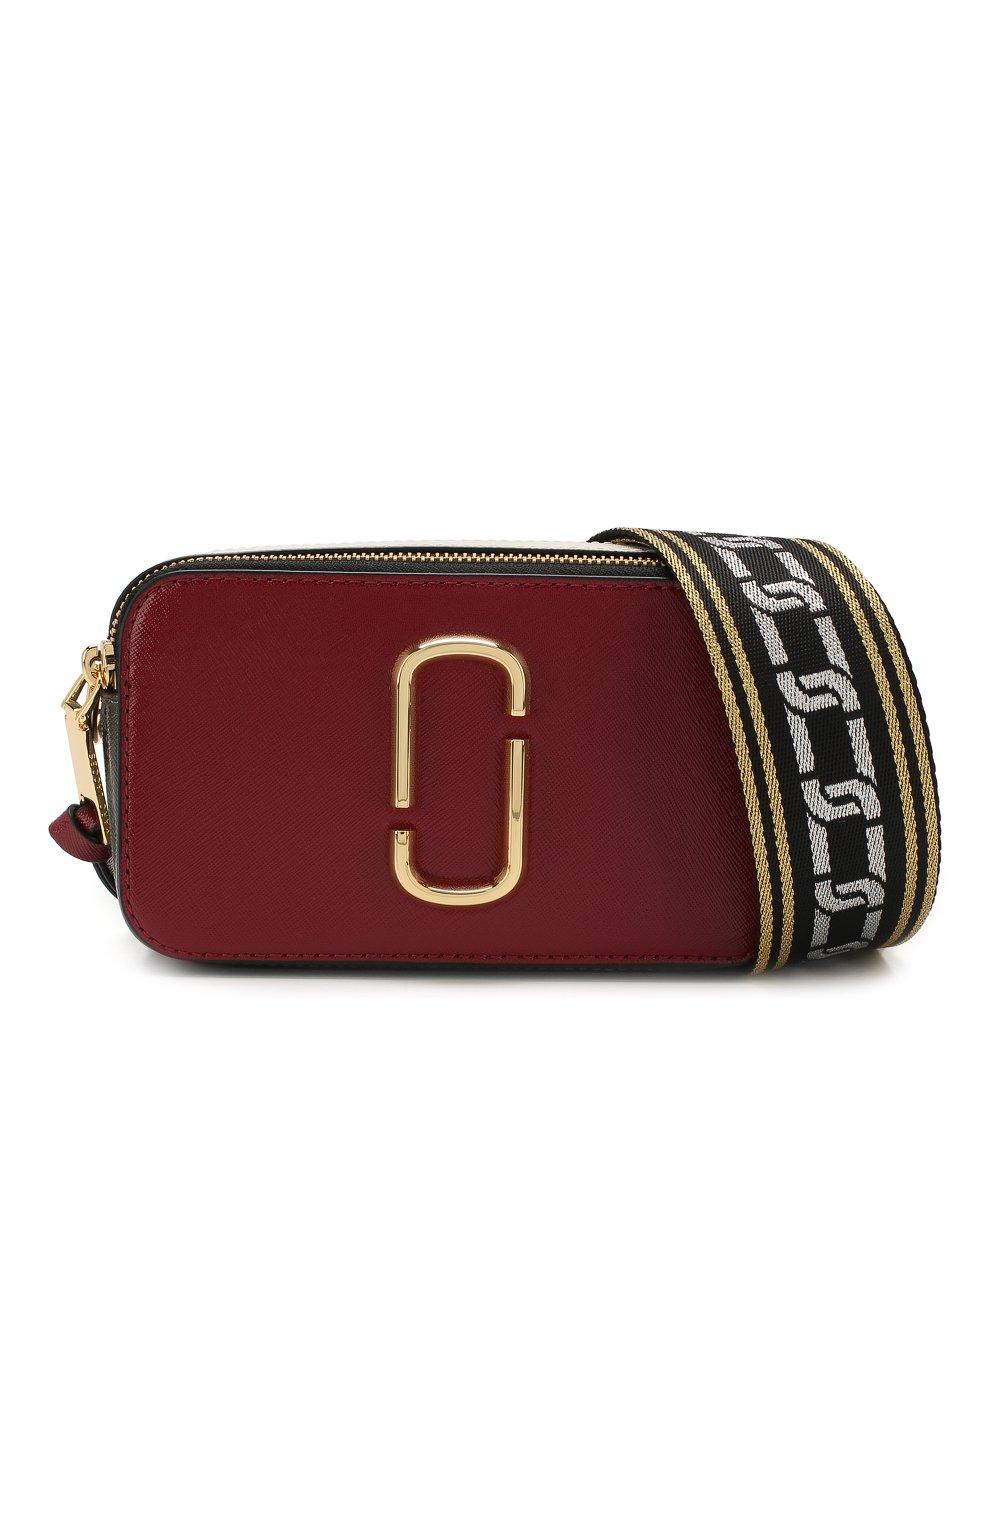 9651b58df562 Женская сумка snapshot small MARC JACOBS бордовая цвета — купить за ...